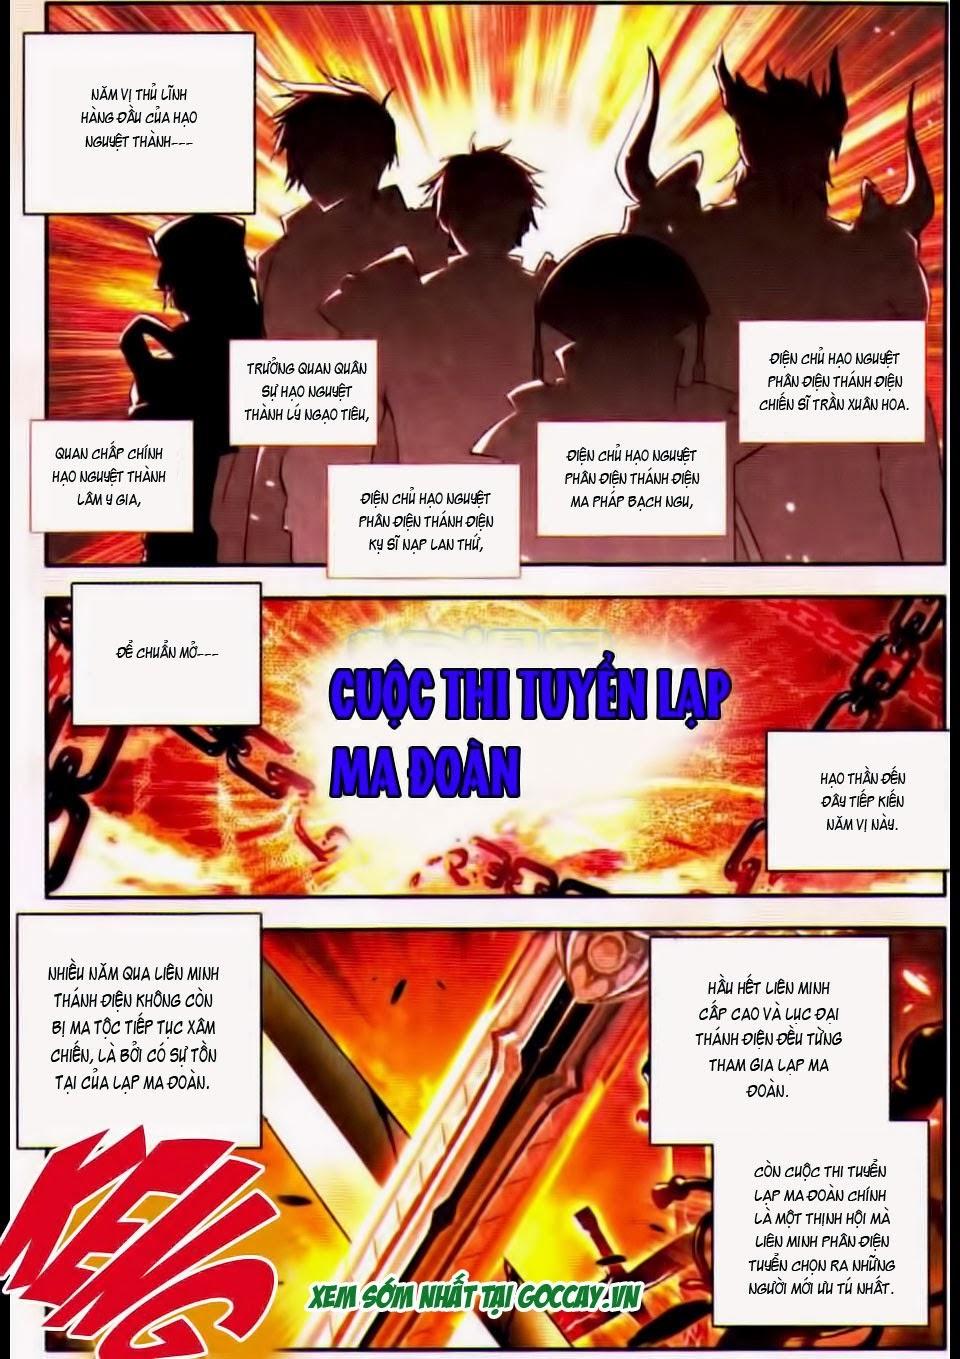 Thần Ấn Vương Tọa Chapter 23 - Hamtruyen.vn